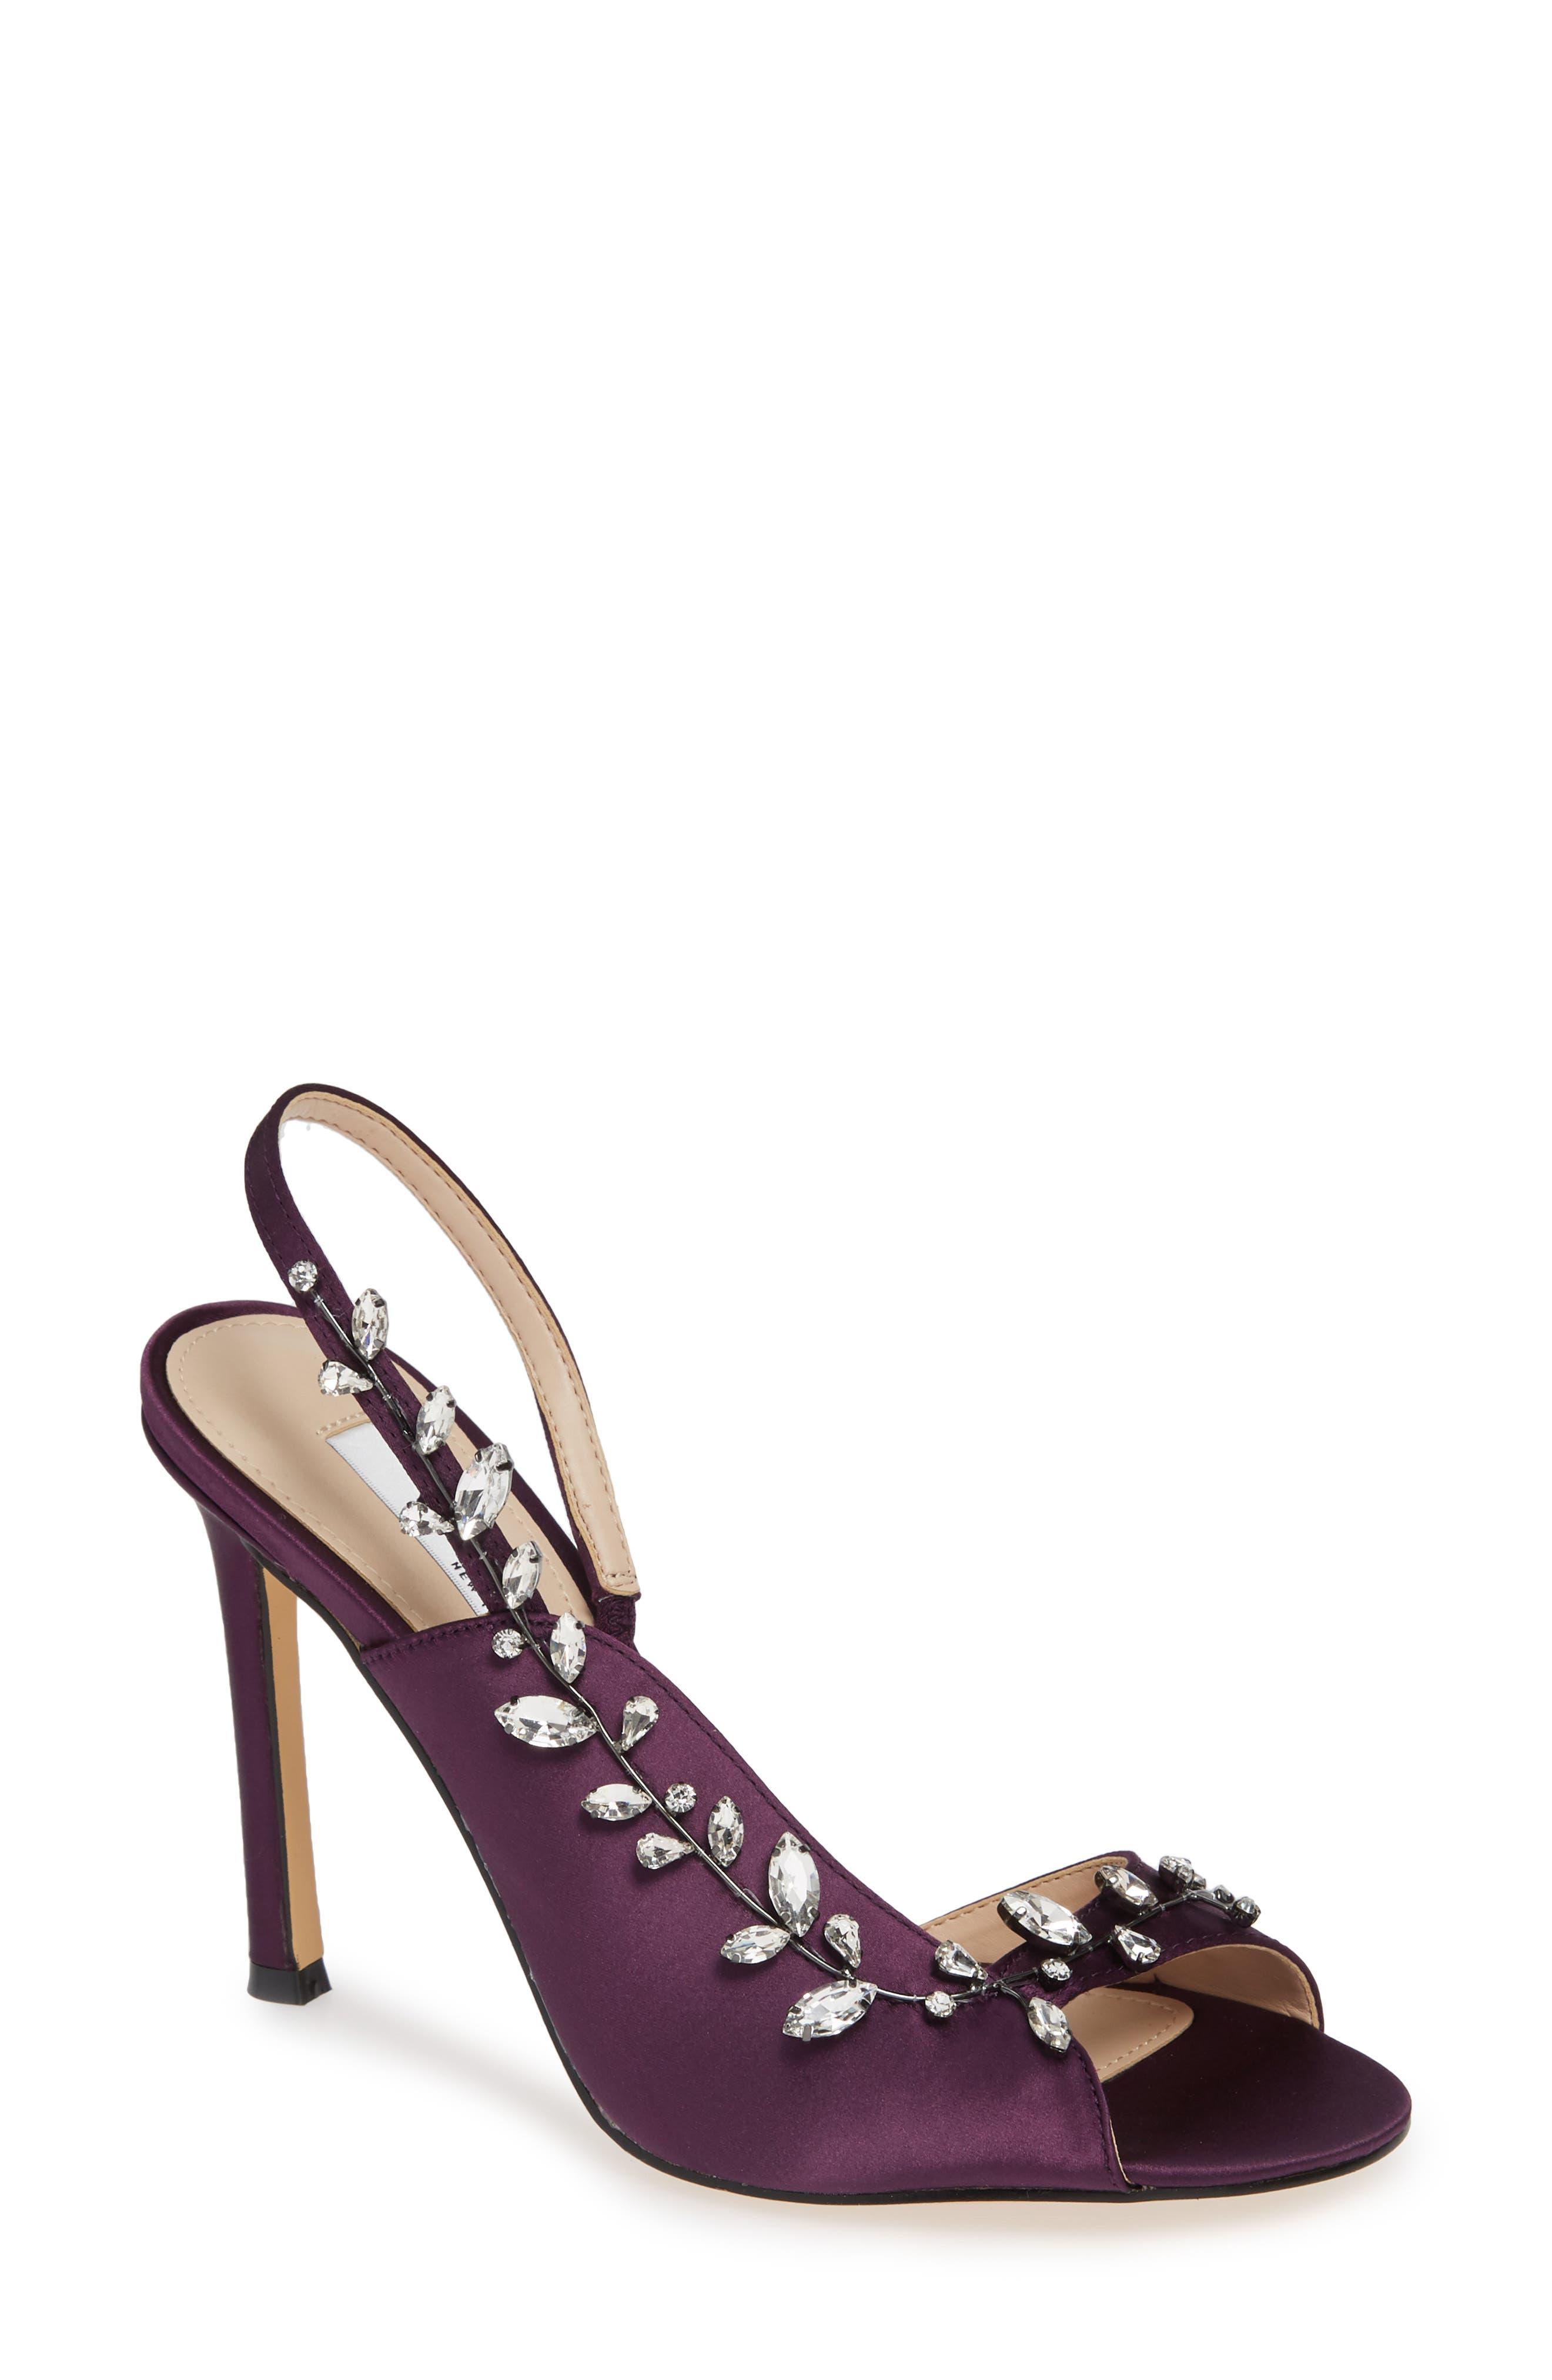 NINA Deanna Embellished Sandal, Main, color, EGGPLANT SATIN